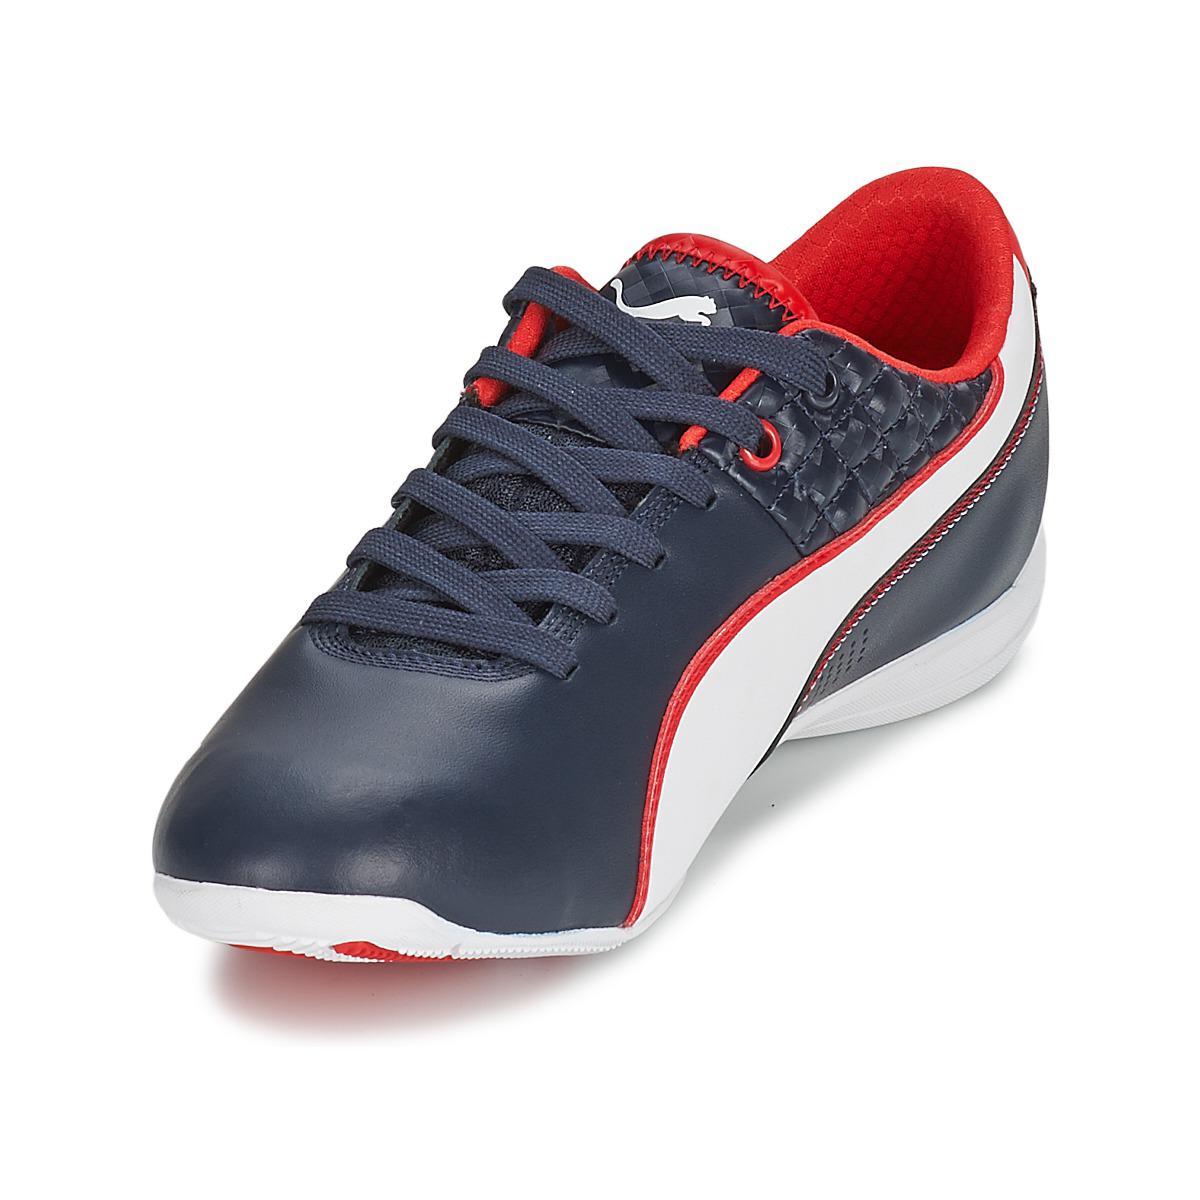 PUMA Bmw Ms Drift Cat 6 Nm Men s Shoes (trainers) In Blue in Blue ... eb5cf7548